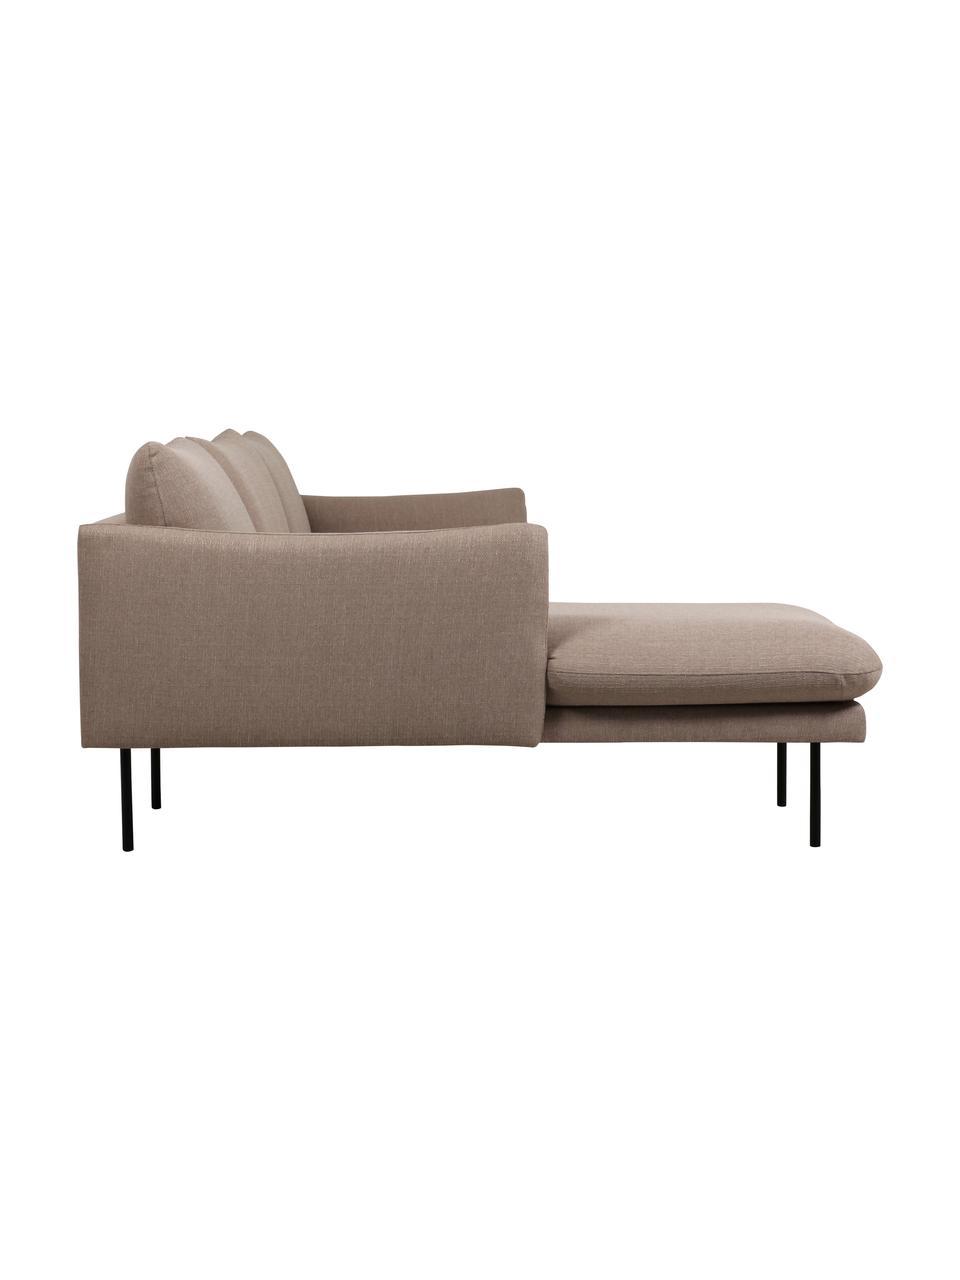 Canapé d'angle taupe avec pieds en métal Moby, Tissu taupe